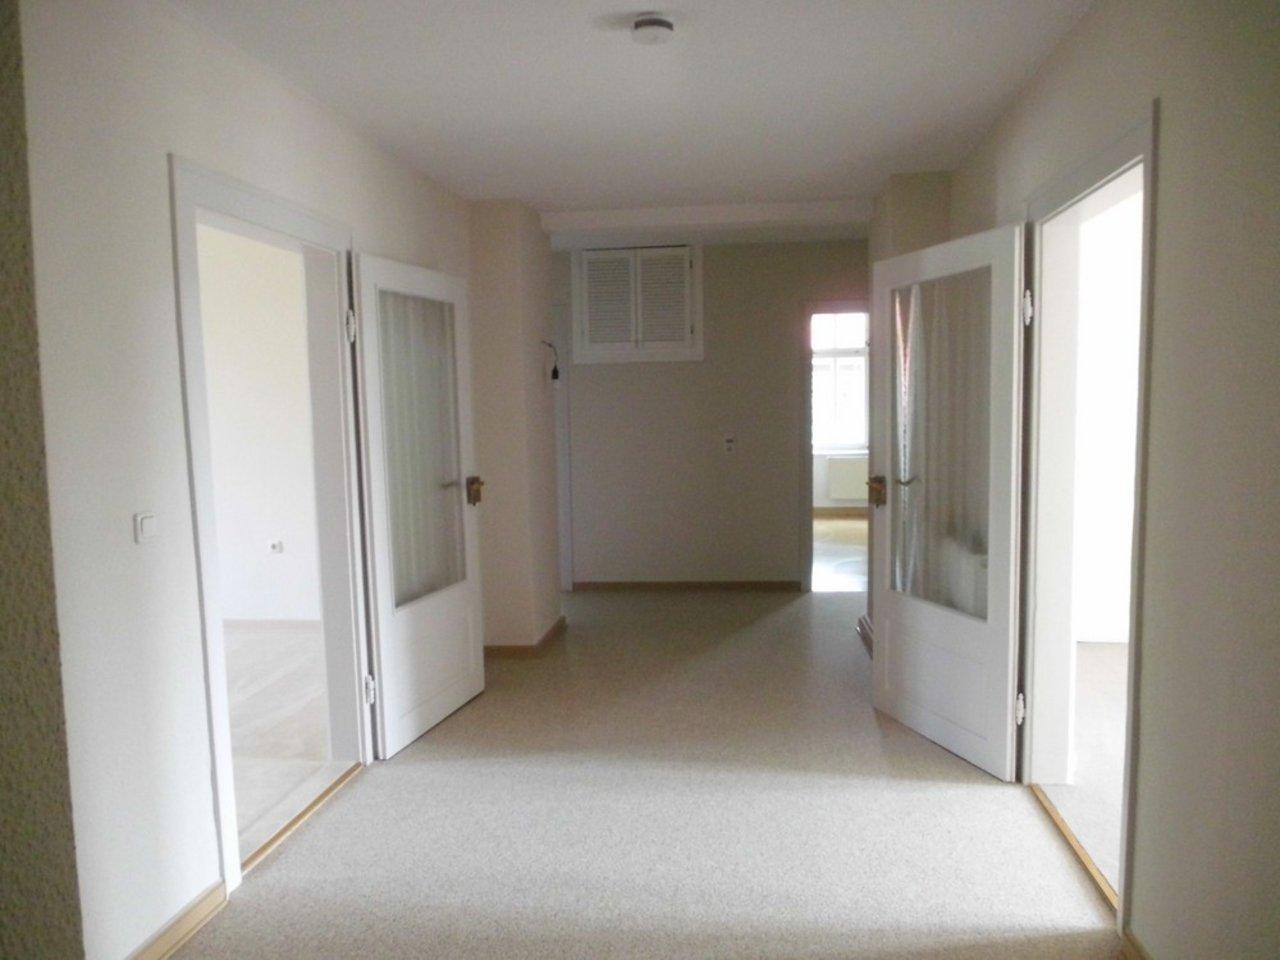 Reizvolle, großzügige DG-Wohnung mit viel Raum und individueller Gestaltung-Flur